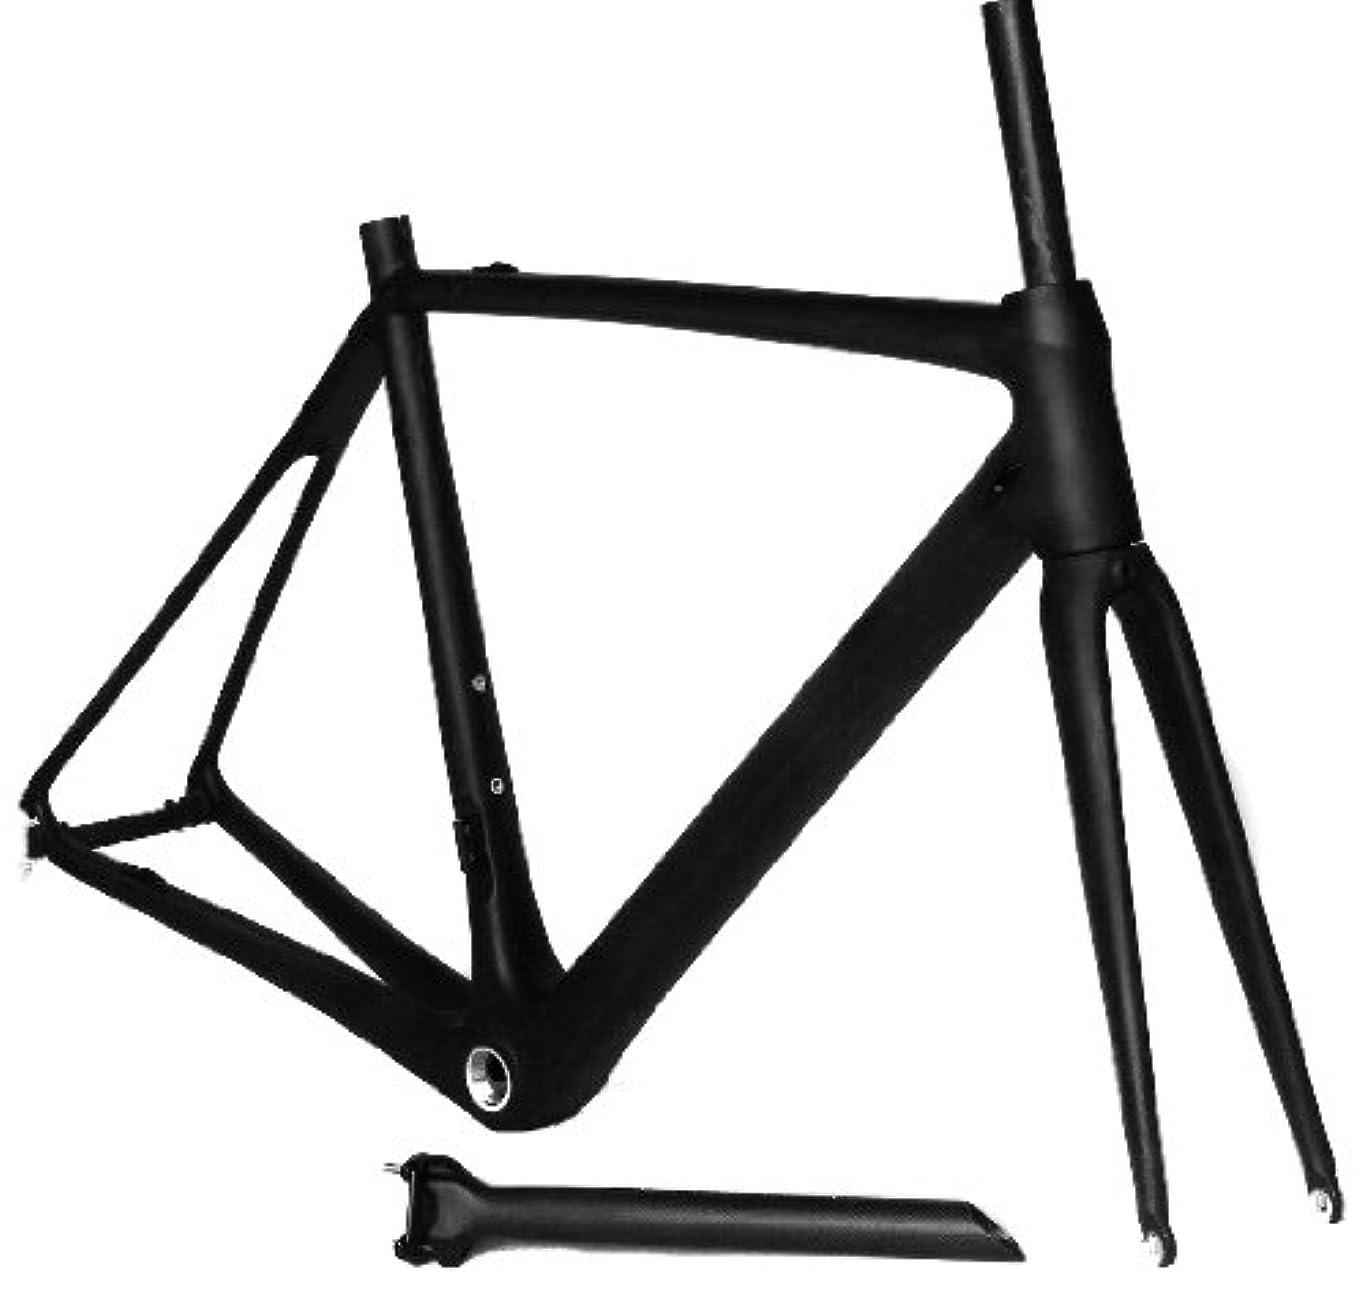 パパスティーブンソン悪魔フルカーボン UDマット 700c ロードバイク 自転車 BSAフレーム フォーク シートポスト 54cm